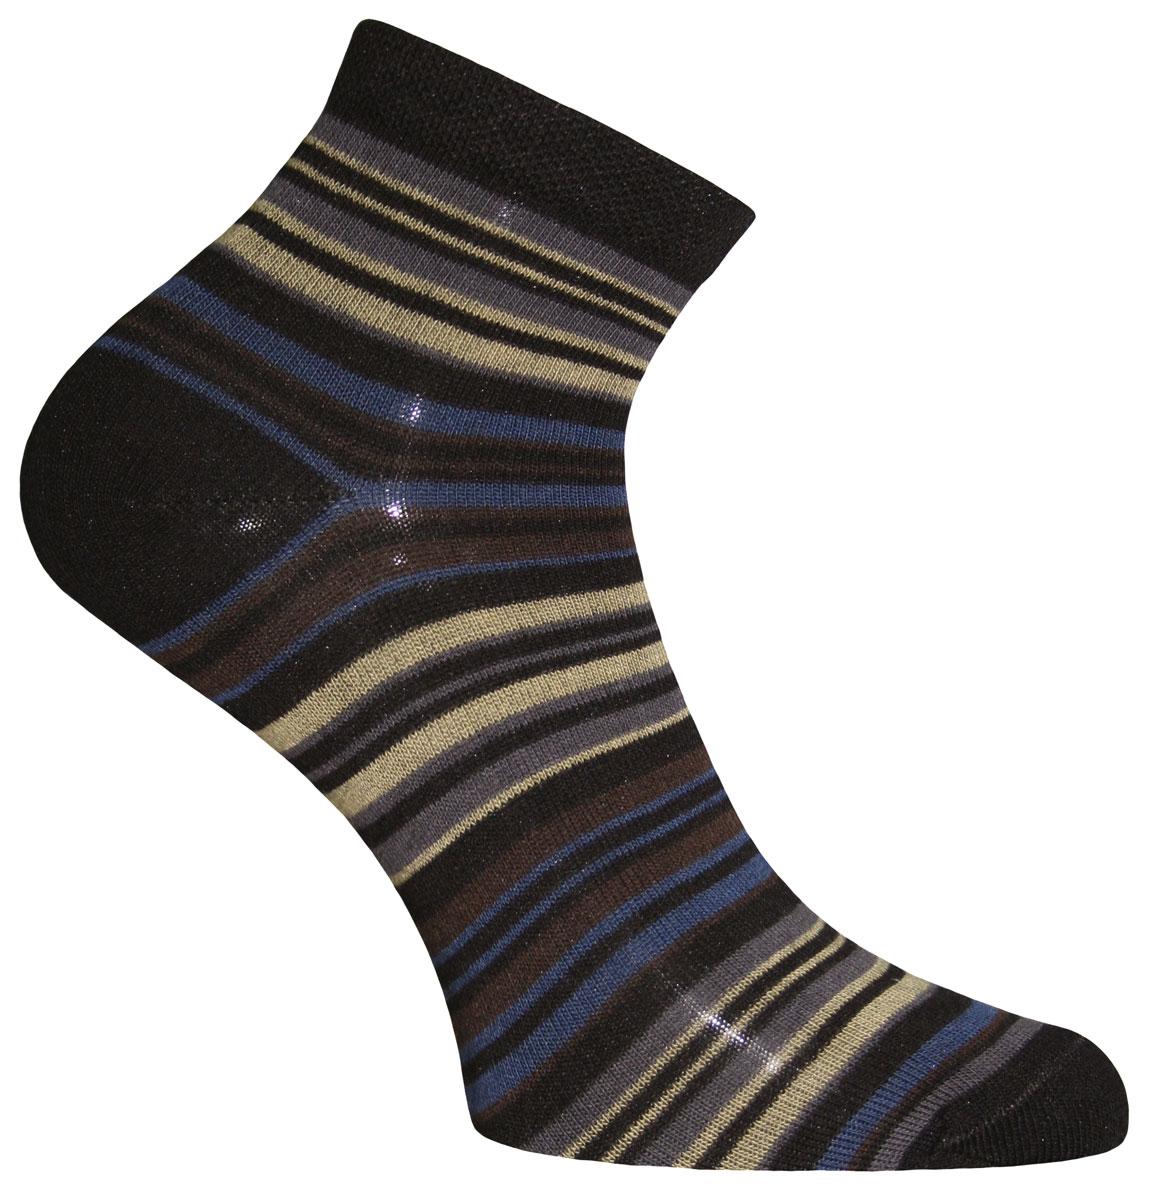 Носки женские Master Socks, цвет: черный, темно-коричневый, хаки. 55109. Размер 2555109Носки Master Socks изготовлены из индийского хлопка с добавлением полиамида и эластана, очень удобных и приятных при носке. Модель оформлена принтом в полоску. Эластичная резинка плотно облегает ногу, не сдавливая ее, обеспечивая комфорт и удобство.